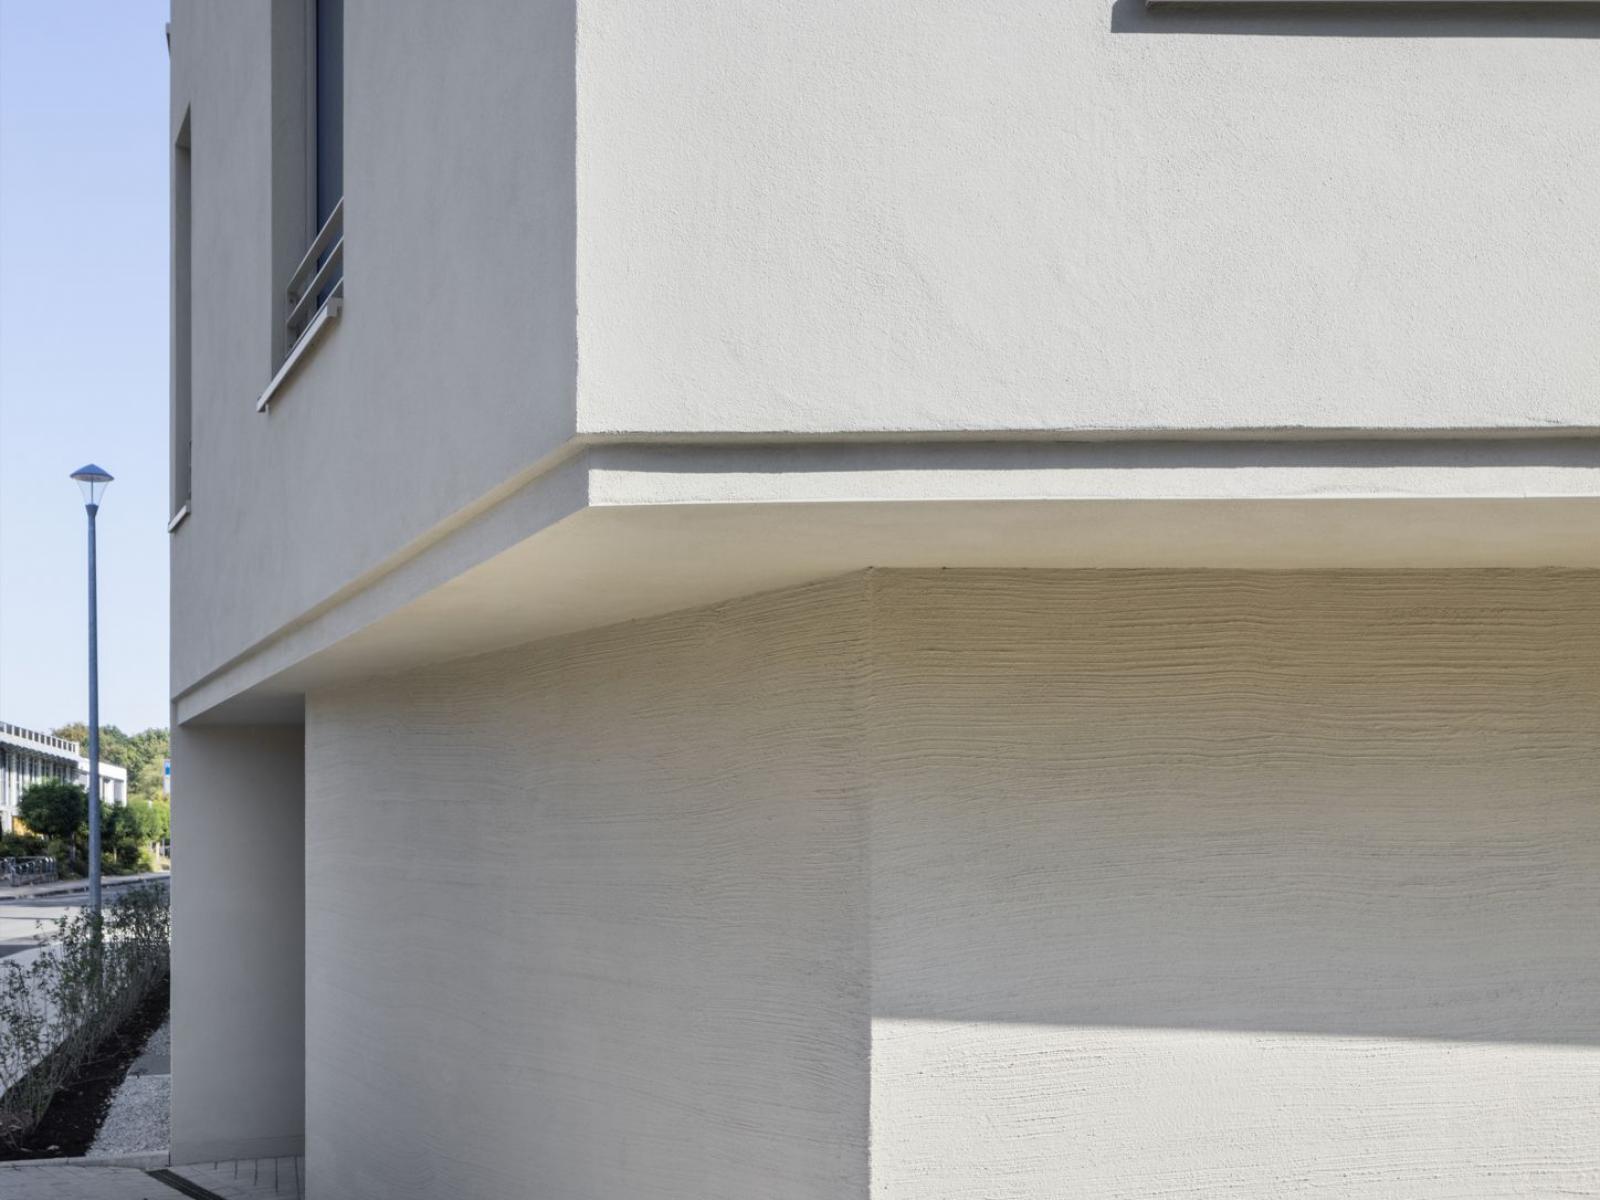 Rollstuhlgerechtes Wohnen Feuerwehrhaus Innenhof